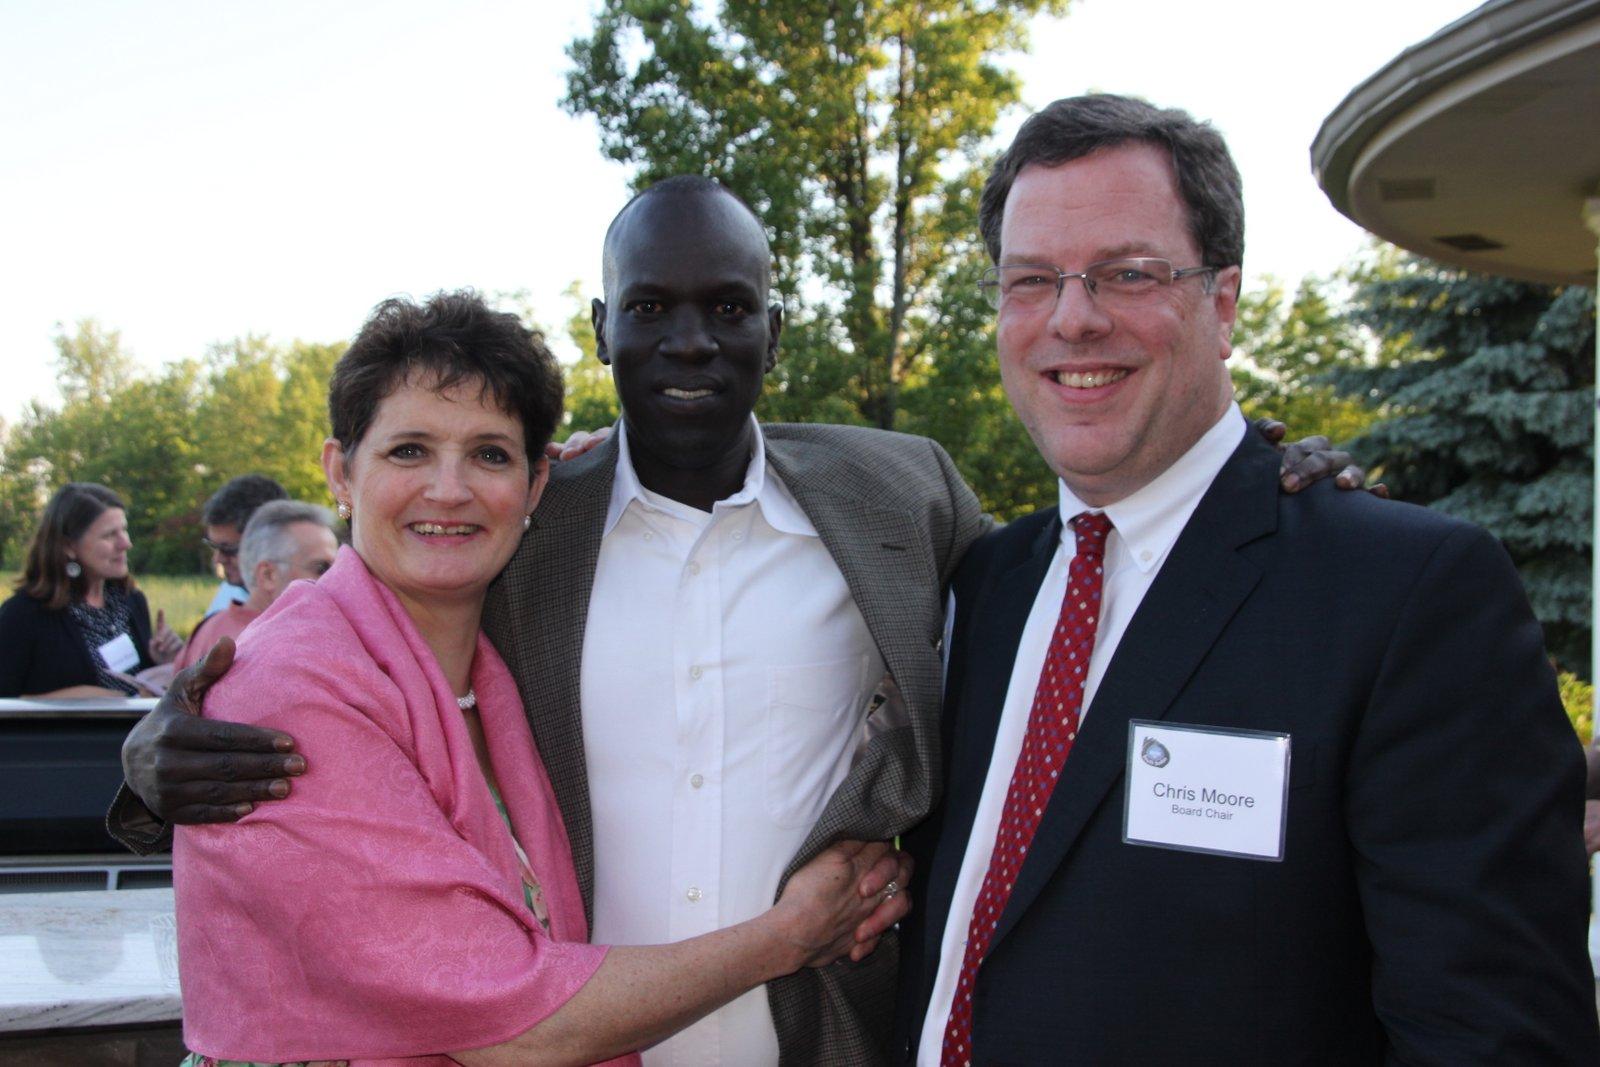 Louise Moore, Salva Dut, and WFSS board member Chris Moore.